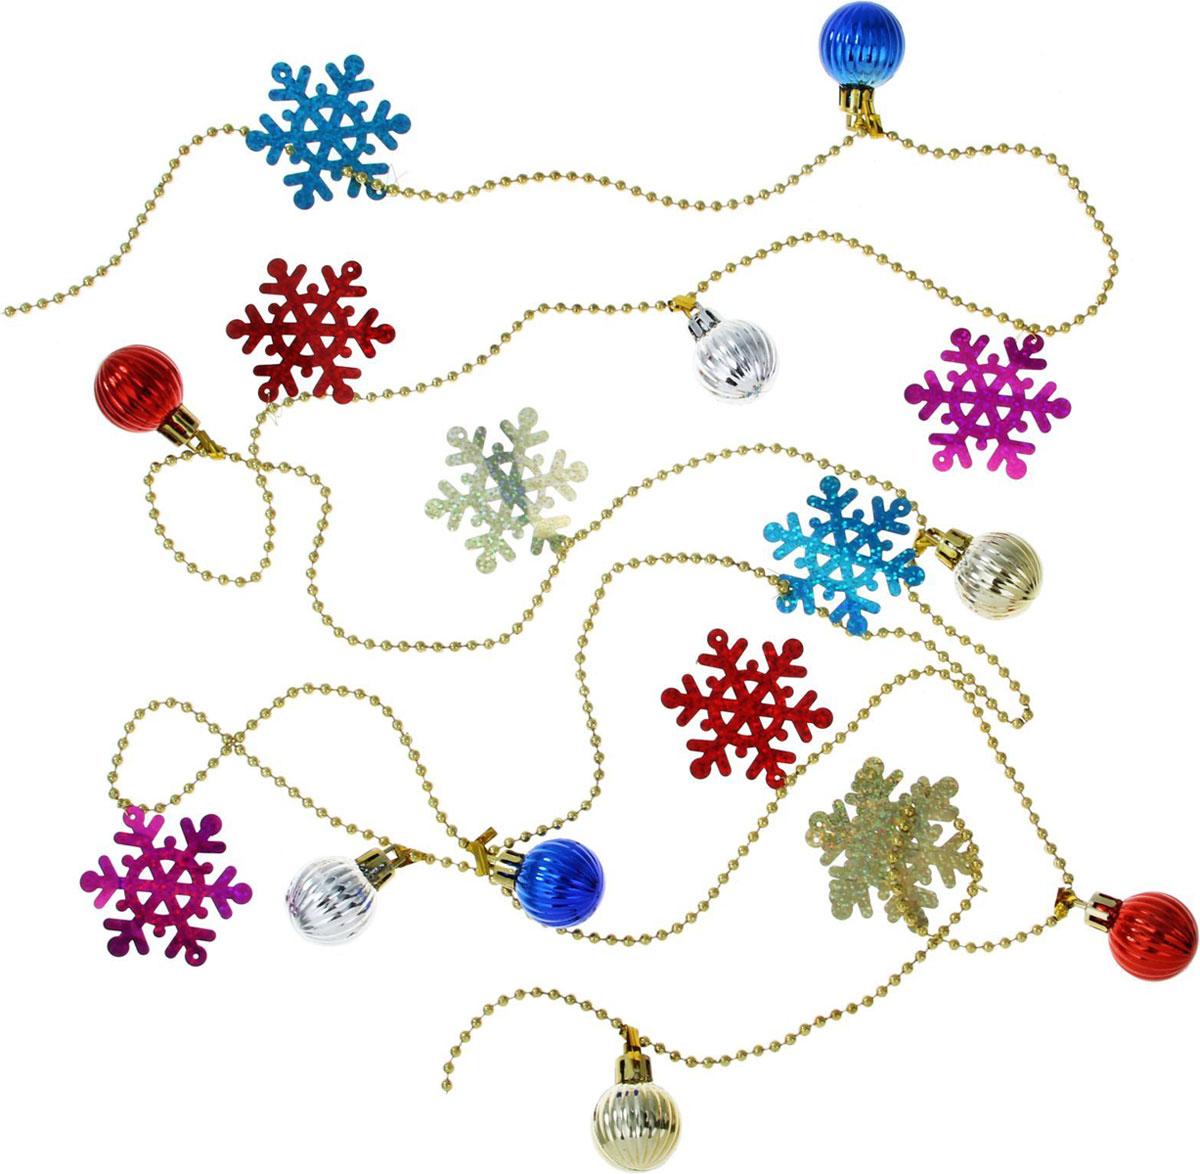 Бусы на елку Sima-land Снежинки и шарики, 2 м1399826Новогодние бусы Sima-land отлично подойдут для декорации вашего дома и новогодней ели. Бусы на елку создадут в вашем доме атмосферу праздника, веселья и радости.